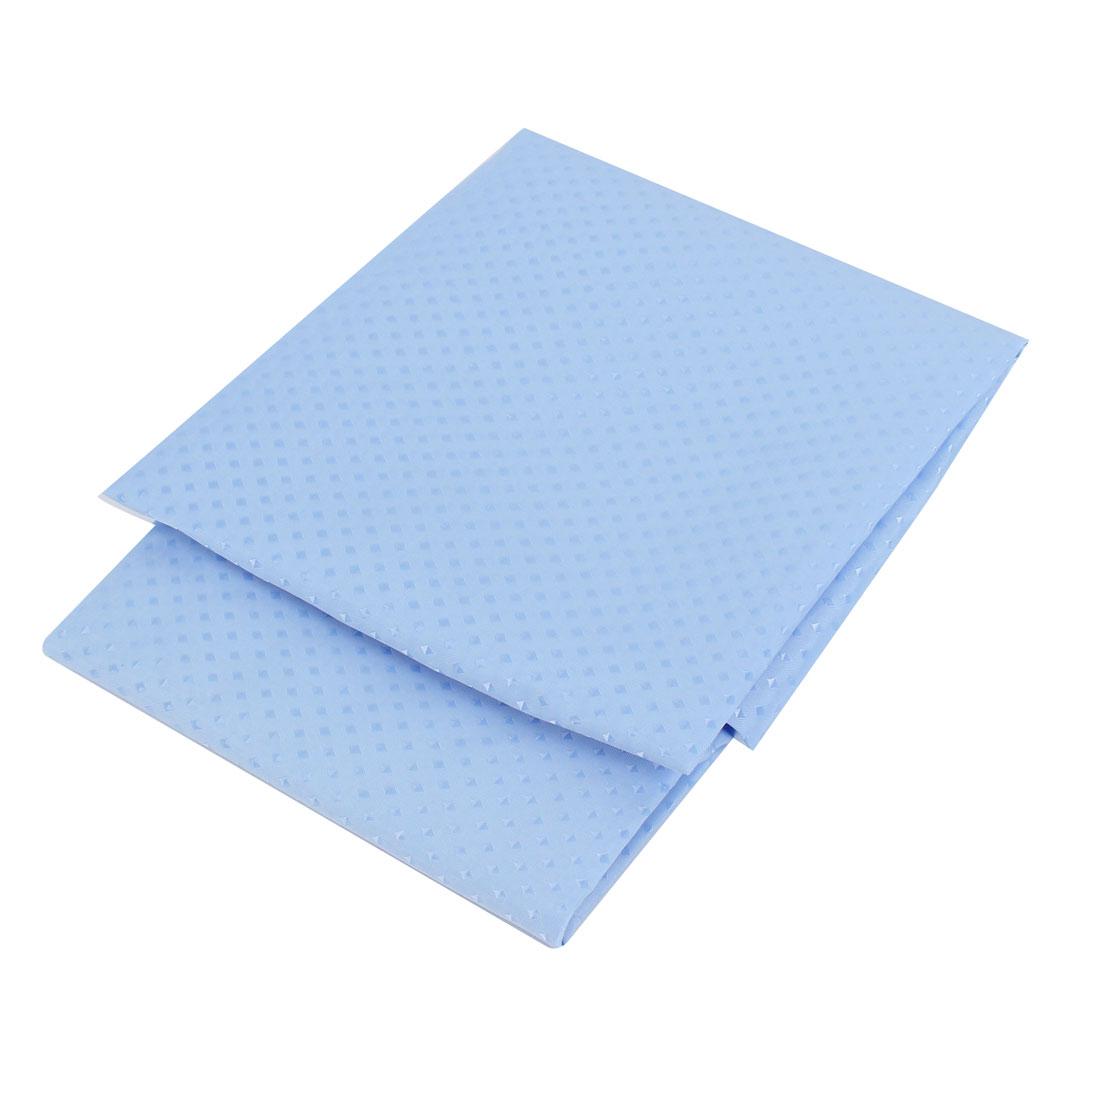 Bathroom Fabric Shower Curtain 180cm x 180cm Blue w 12 Hook Rings